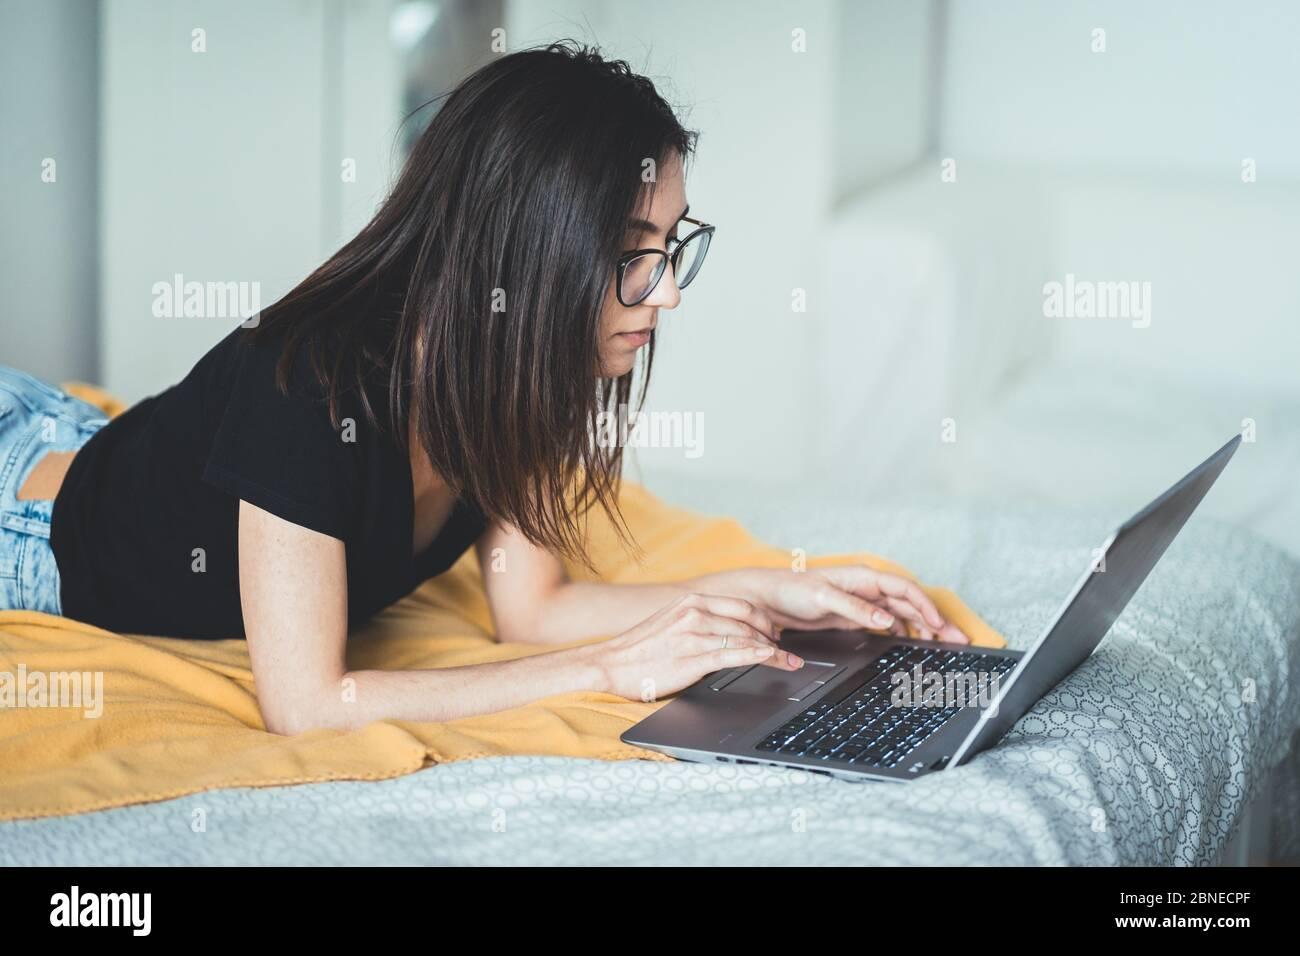 Jolie femme brune portant des lunettes et travaillant sur un ordinateur portable. Femme concentrée couchée au lit à la maison écrivant et utilisant le clavier d'ordinateur portable Banque D'Images